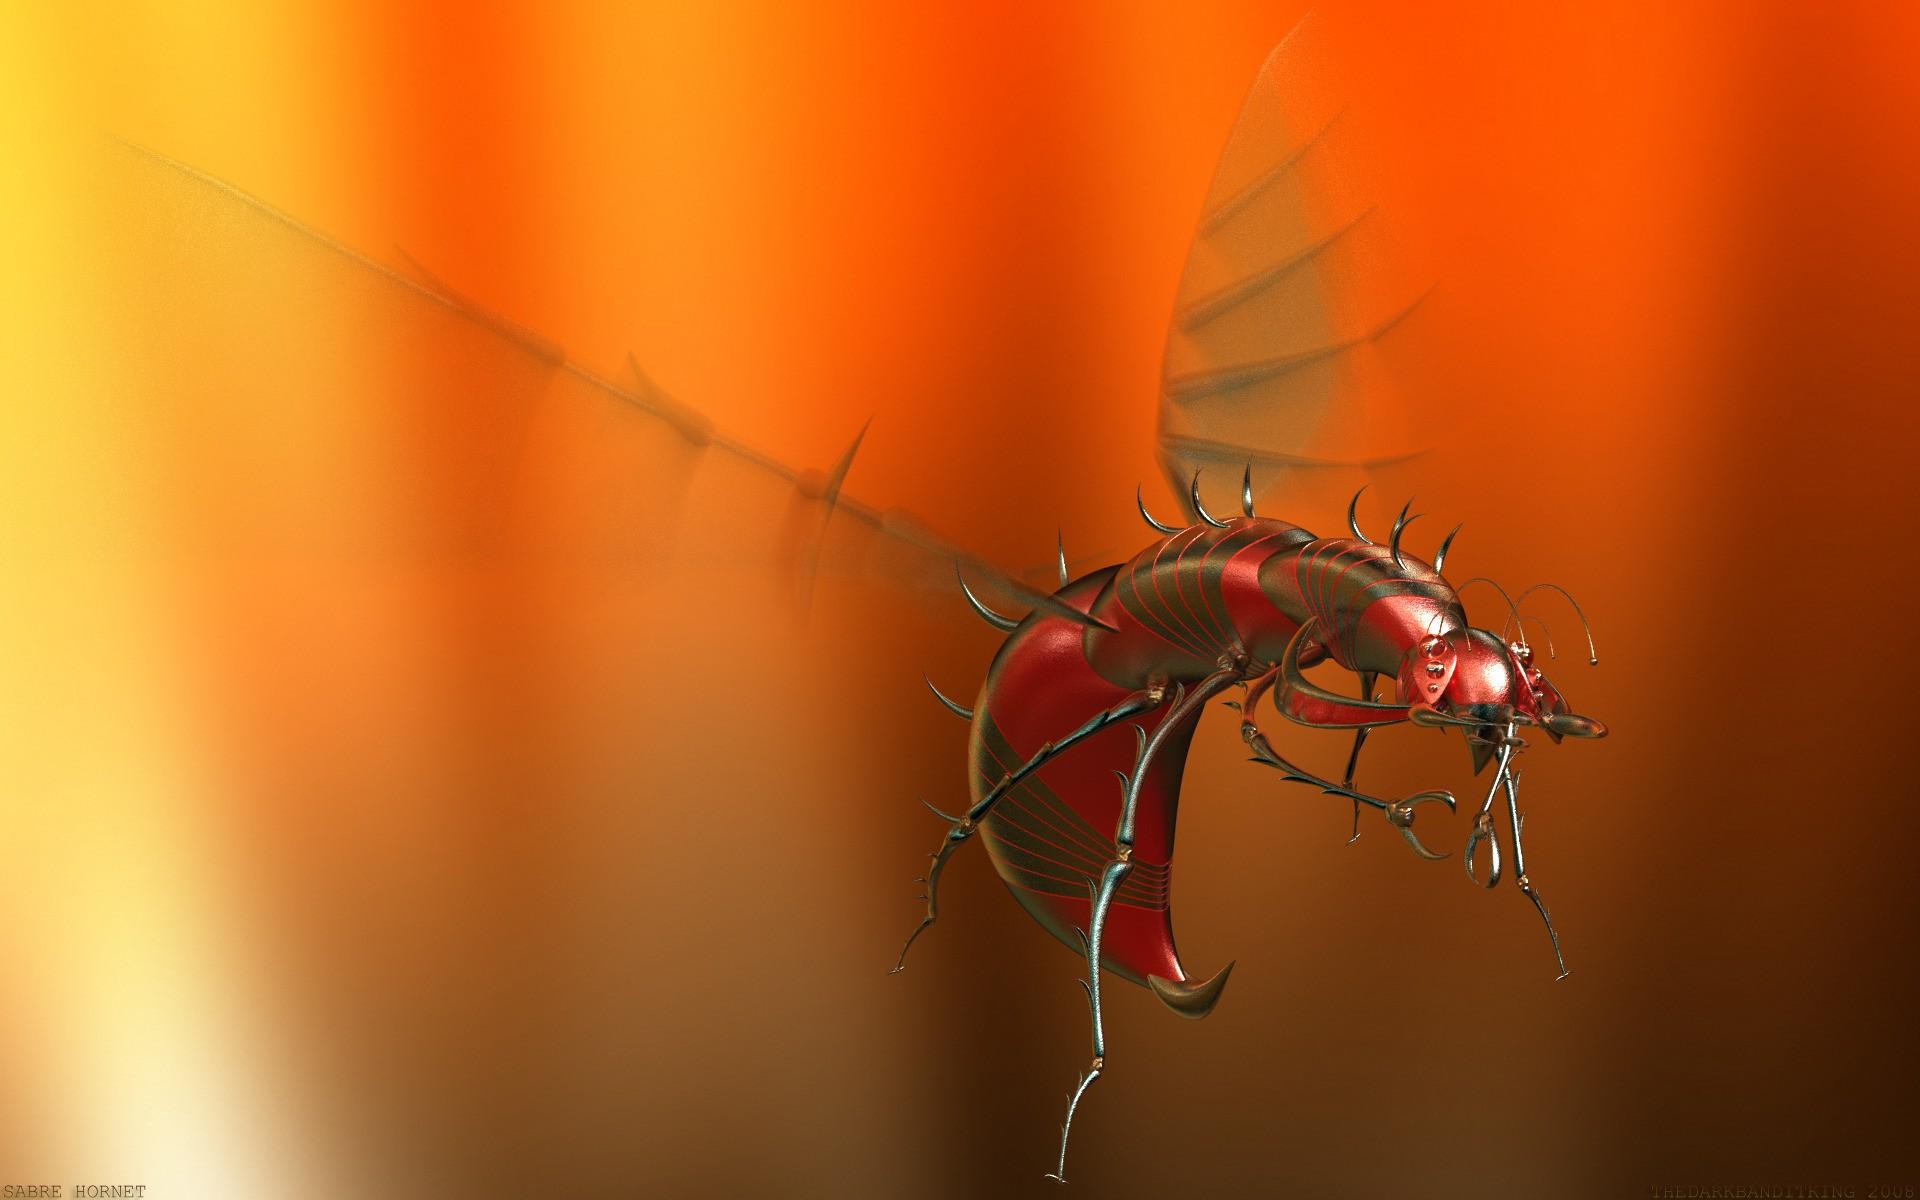 Un insecto 3D - 1920x1200